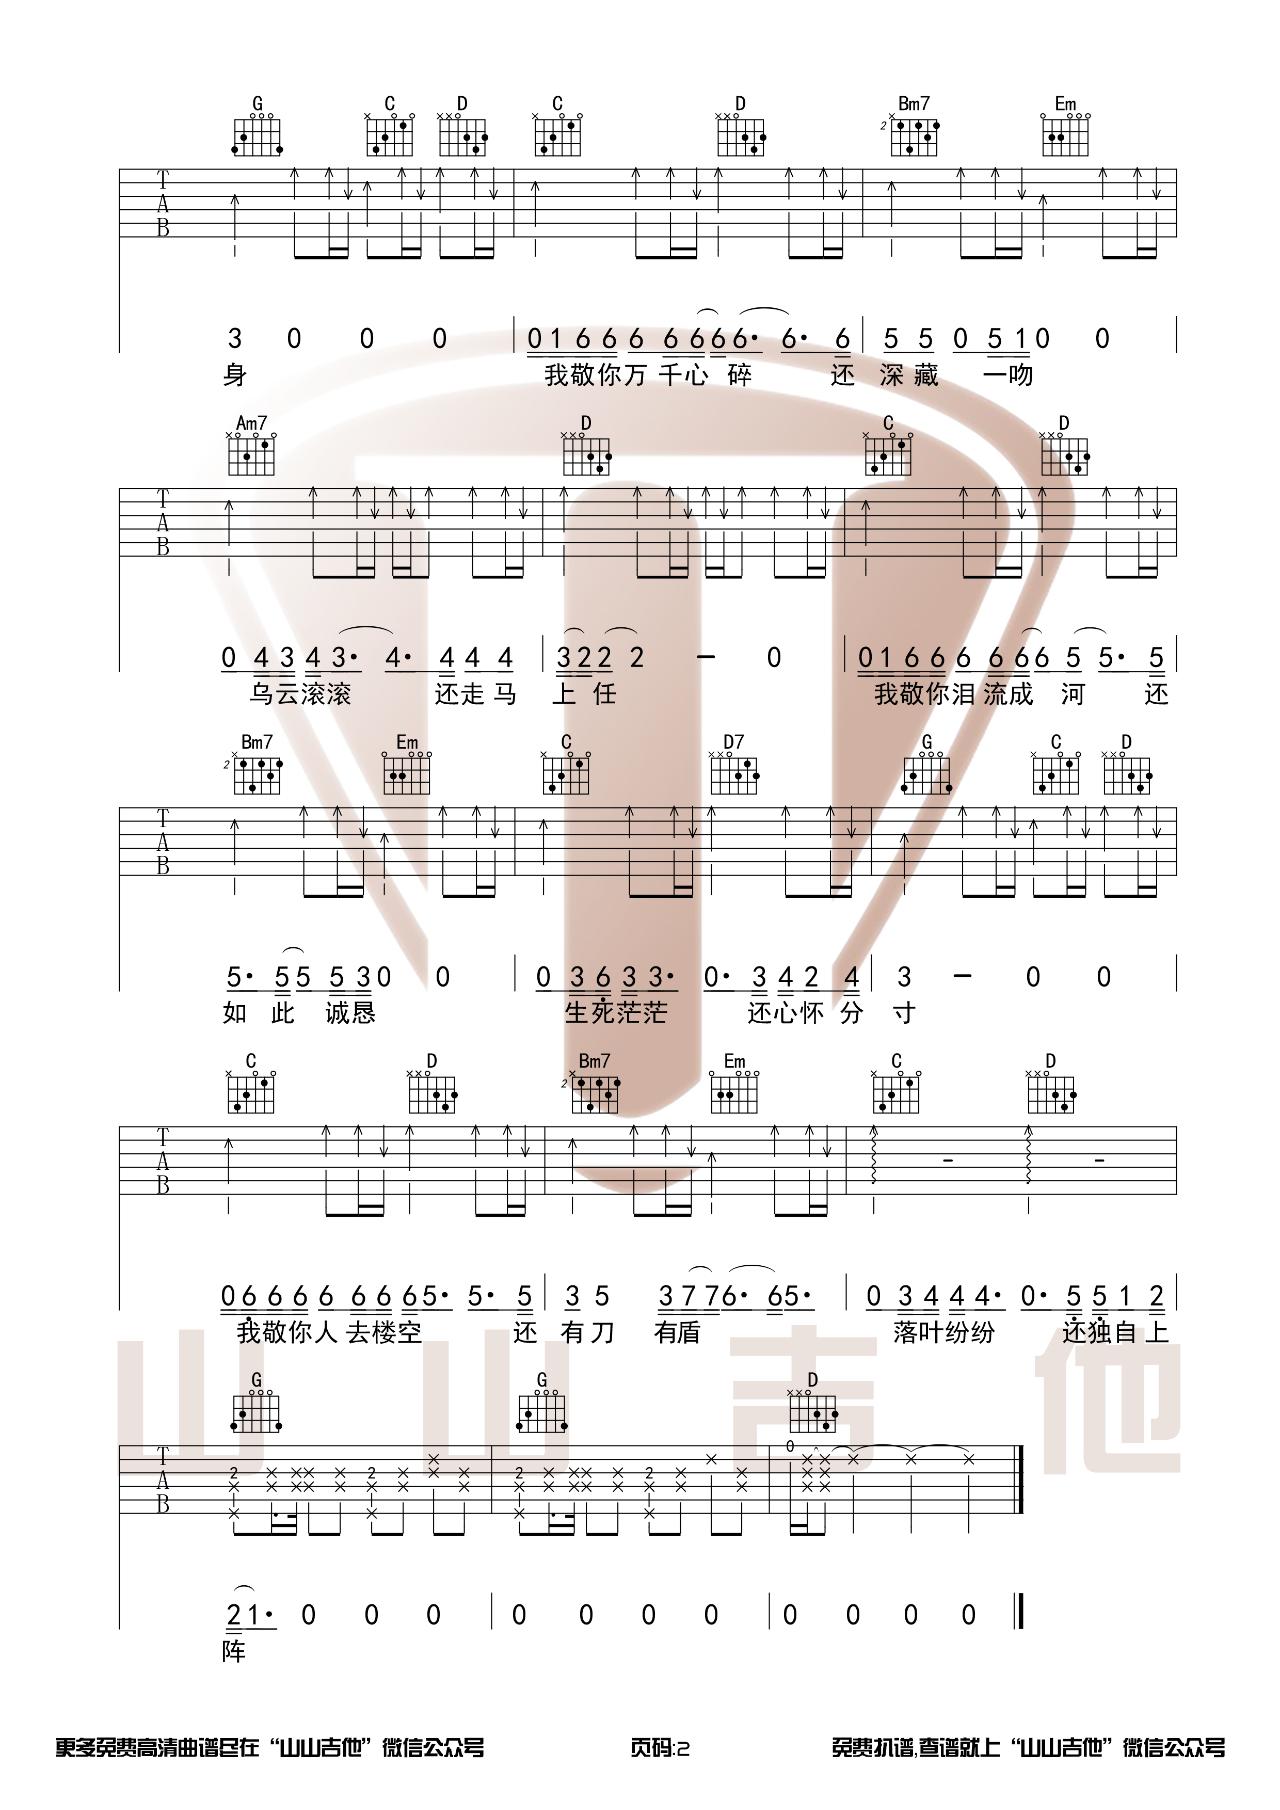 吉他派《敬你》吉他谱-2